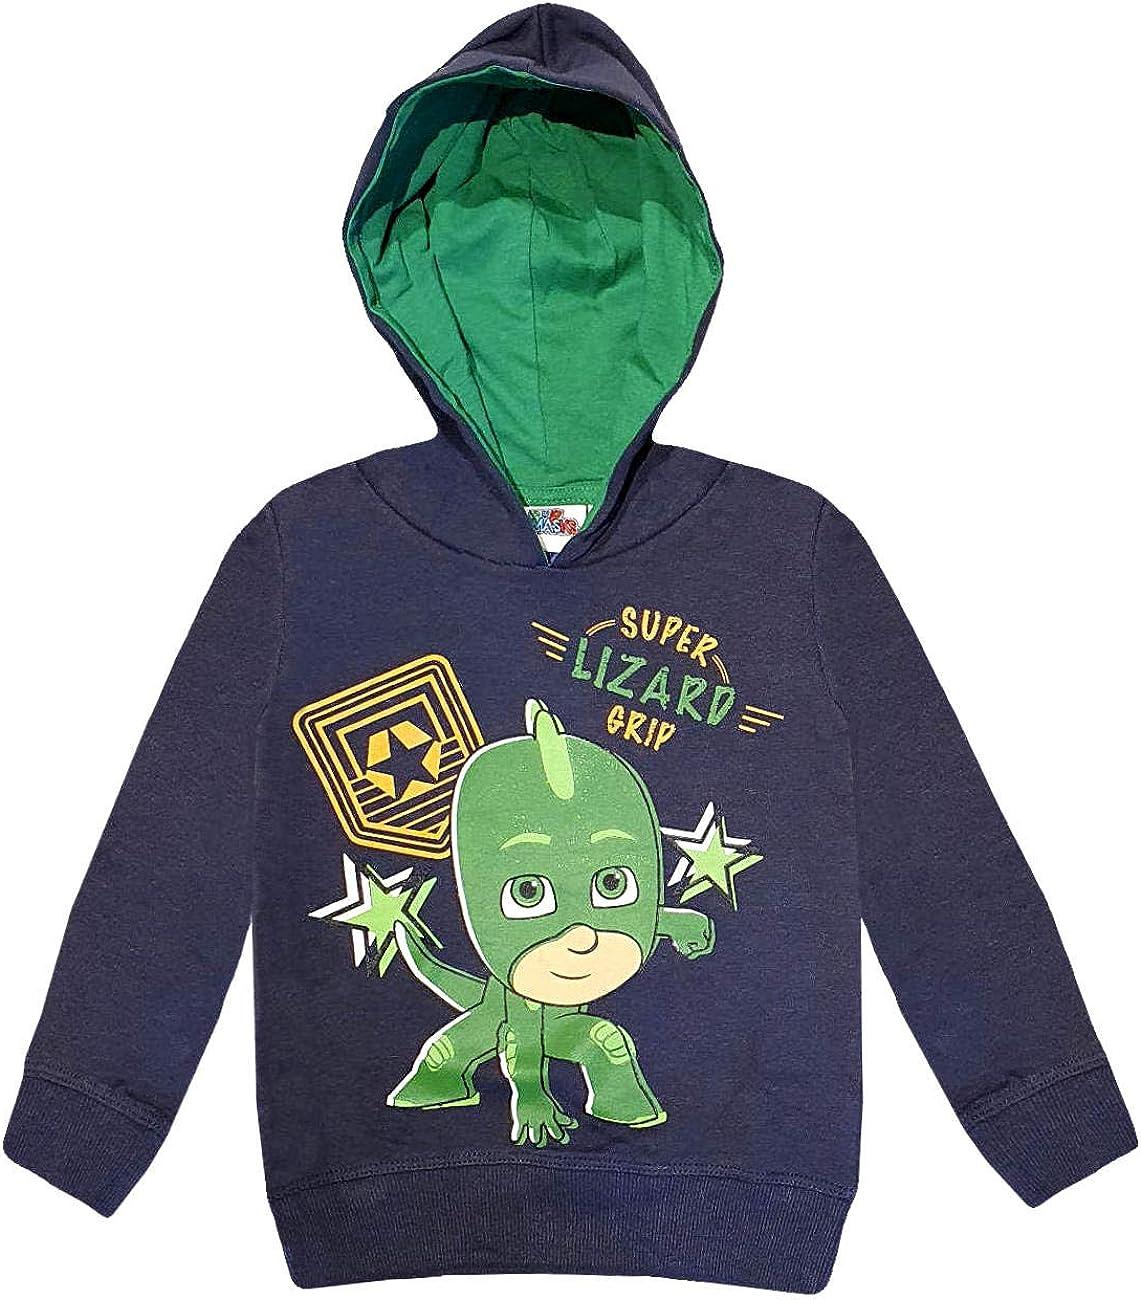 PJ Masks Boys (2-8) Hoodie Sweatshirt Gekko Super Lizard Grip ...